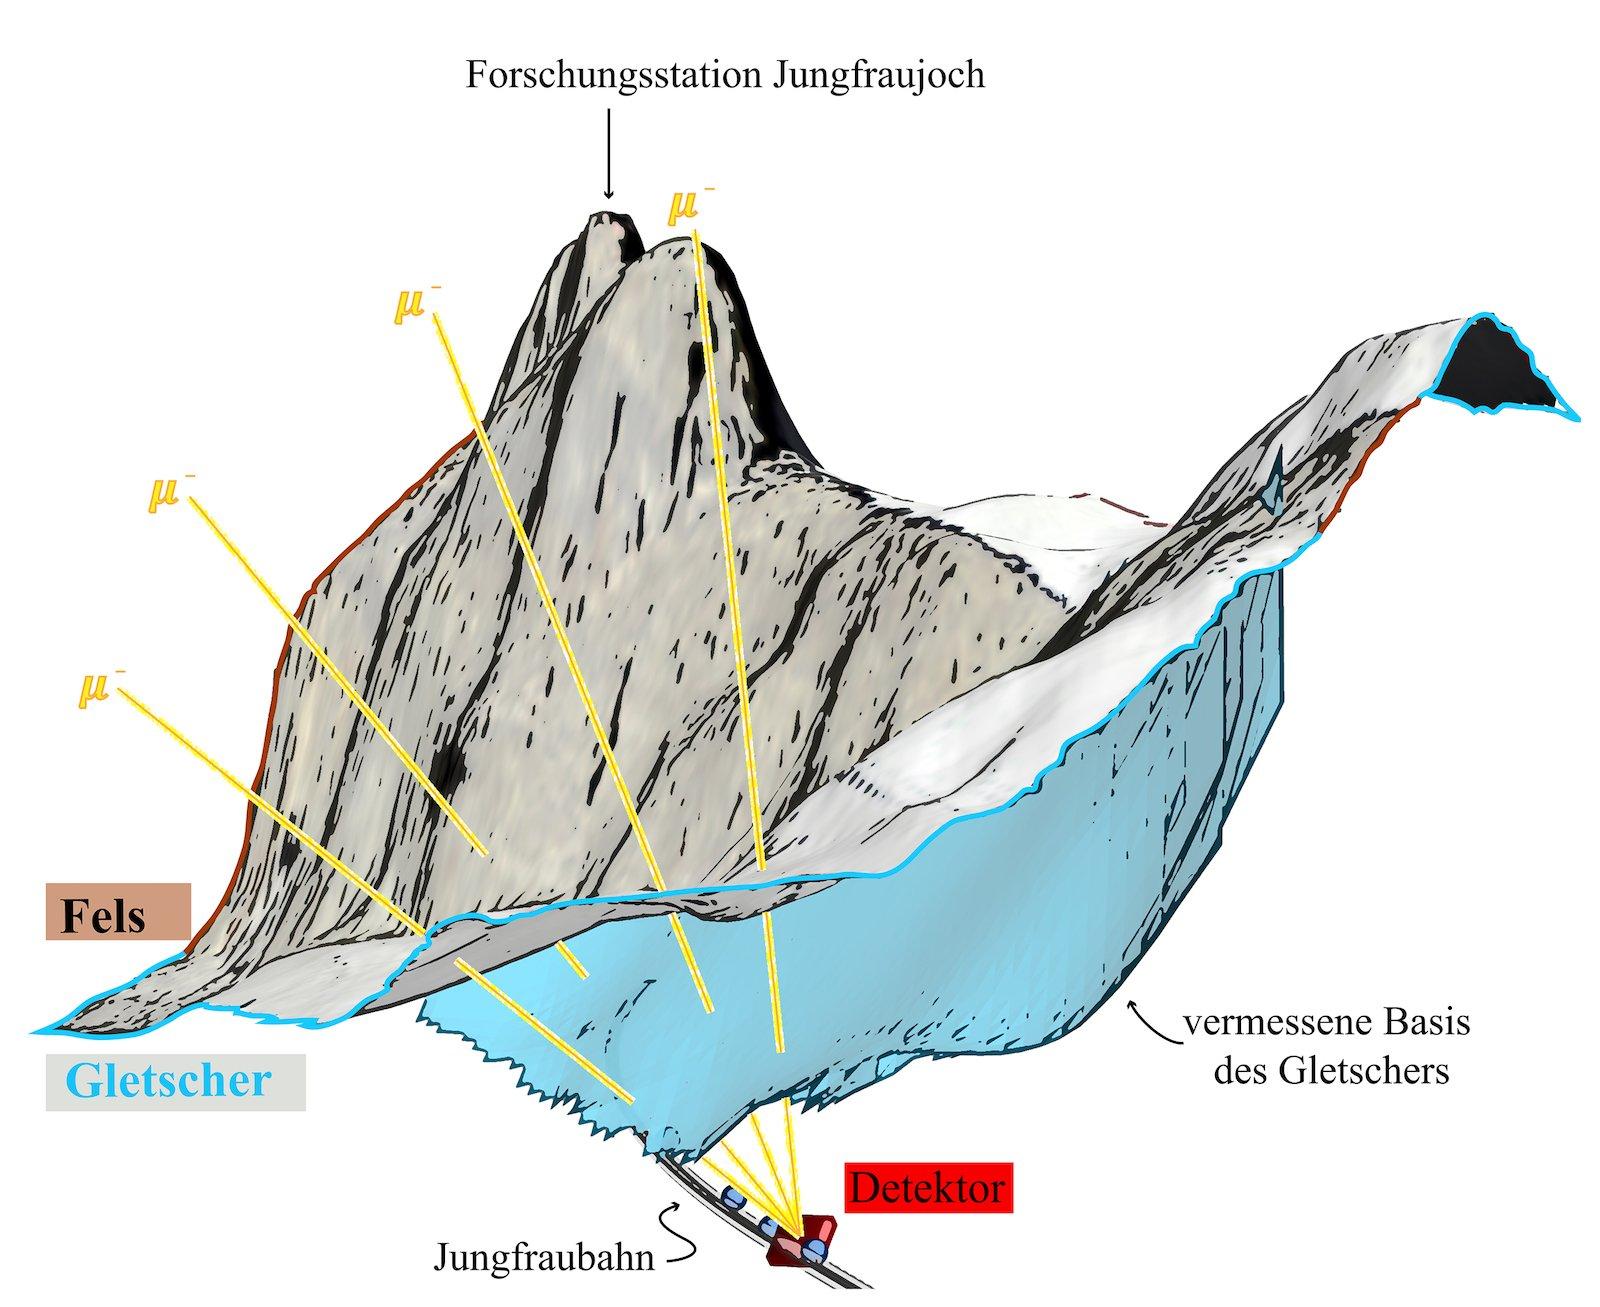 Myonen dringen durch Fels und Eis und werden auf Detektoren im Jungfrau-Bahntunnel registriert.